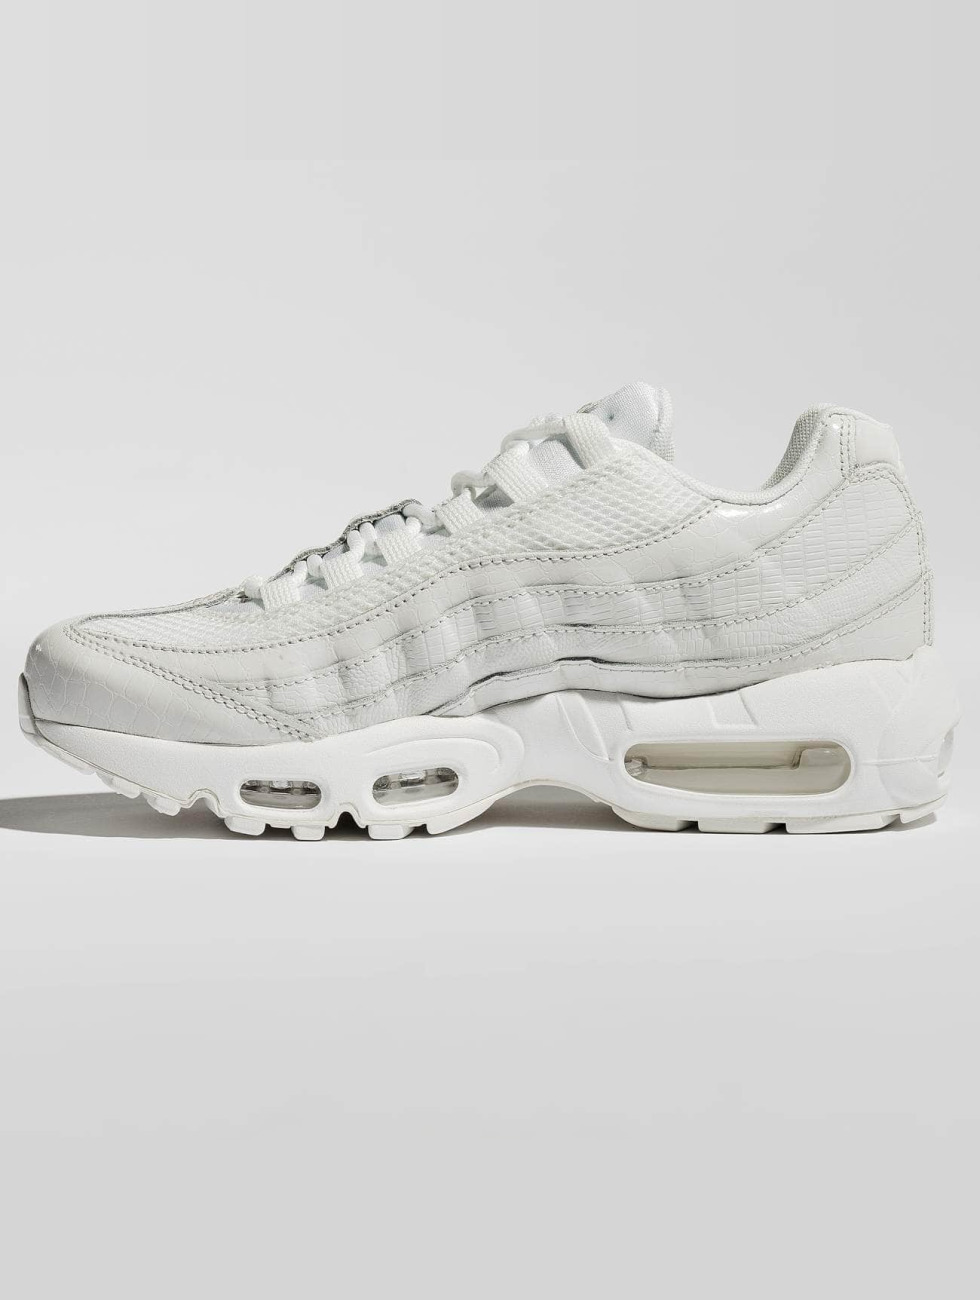 Begrenset Ny Fashion Style Billig Online Nike Schoen / Sneaker Air Max 95 Premie I Vidd 442975 Gratis Frakt Opprinnelige wYpXo4OFXk